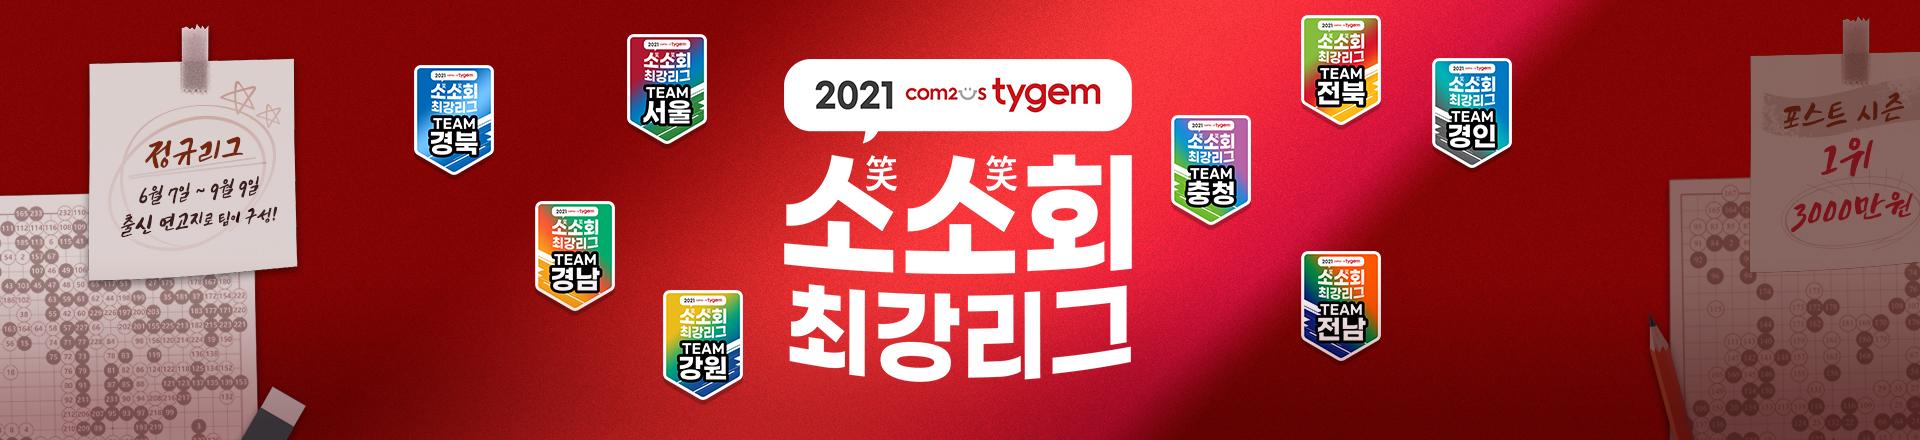 2021 컴투스타이젬 소소회 최강리그